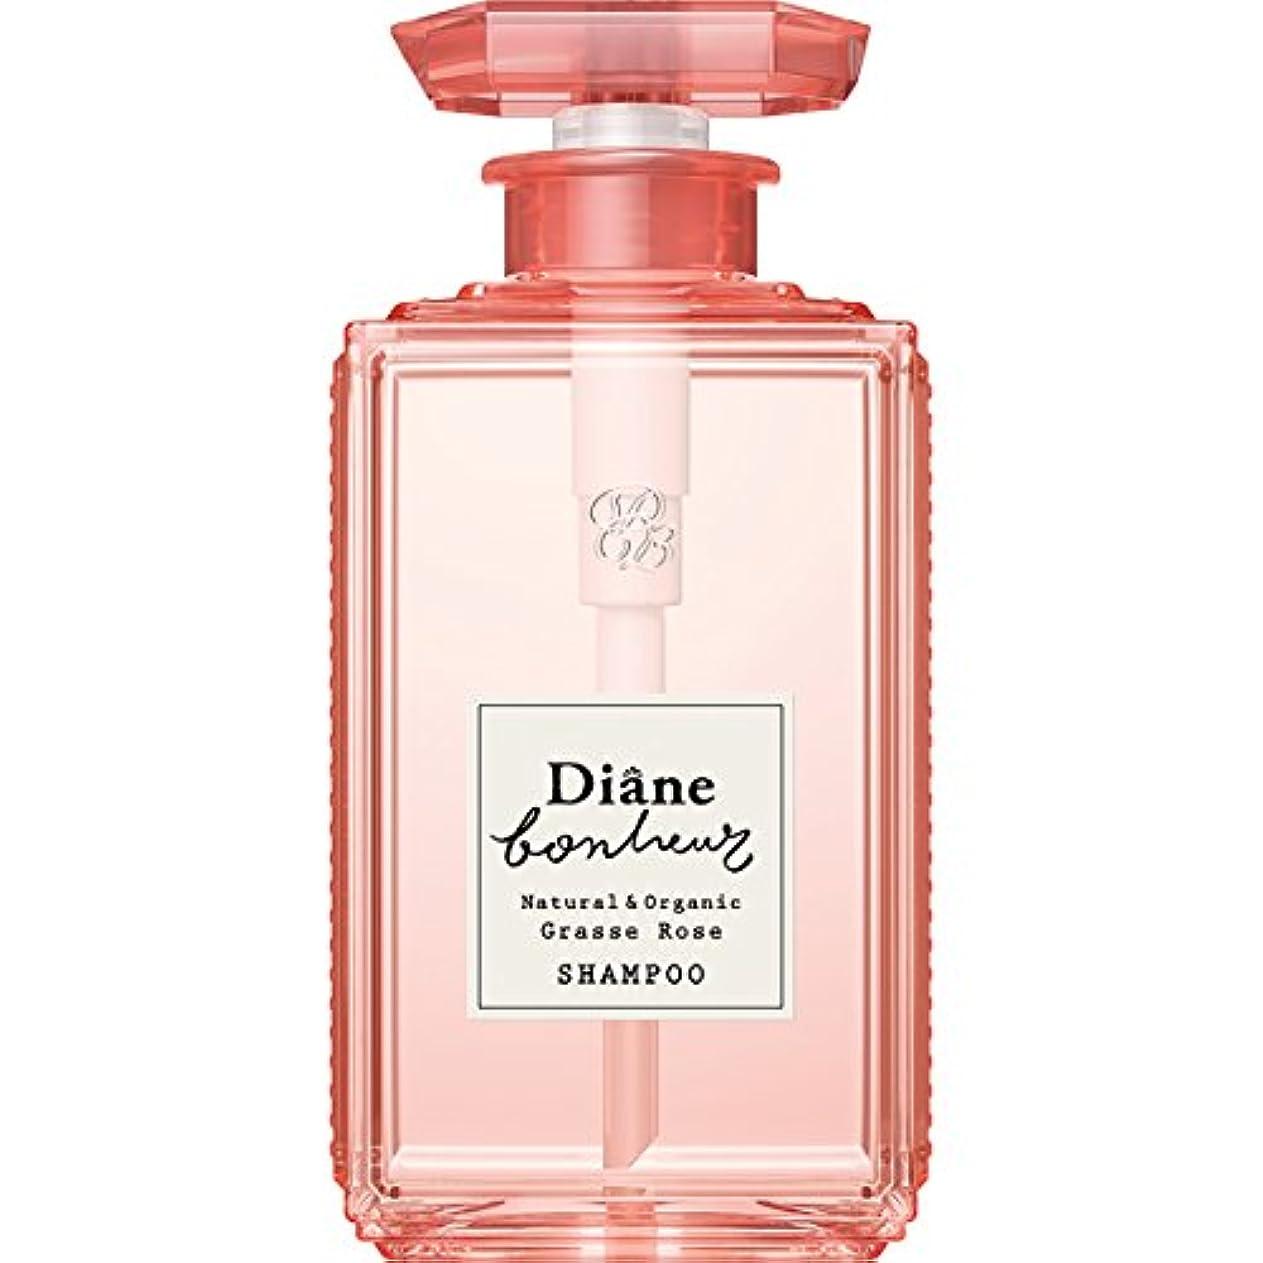 プレミアディプロマ離婚ダイアン ボヌール グラースローズの香り ダメージリペア シャンプー 500ml